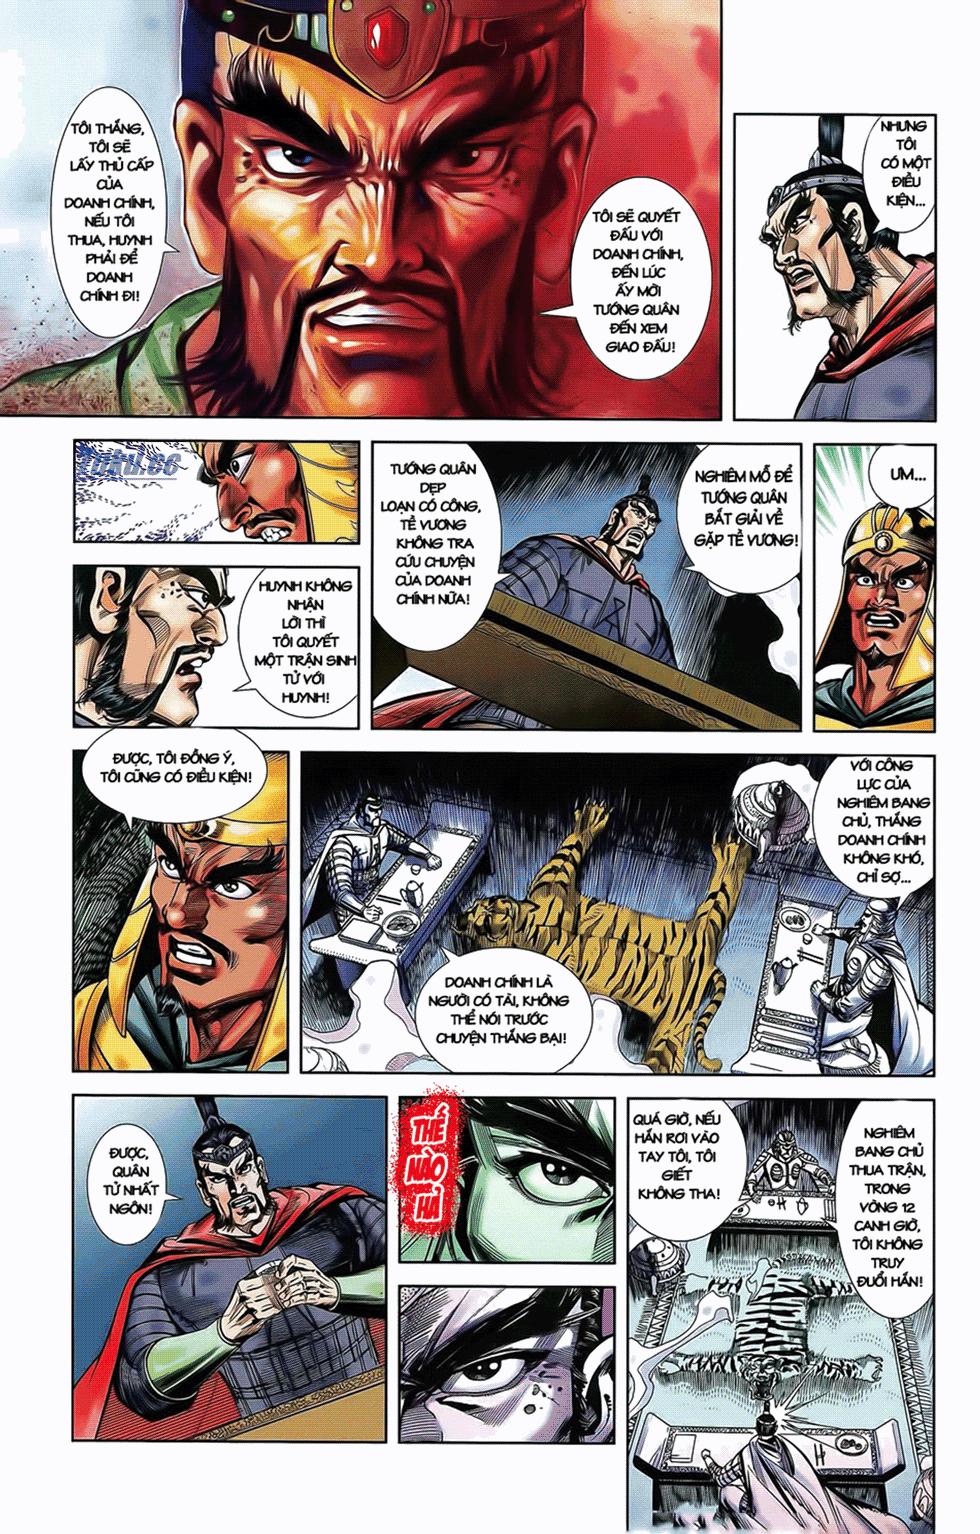 Tần Vương Doanh Chính chapter 10 trang 18